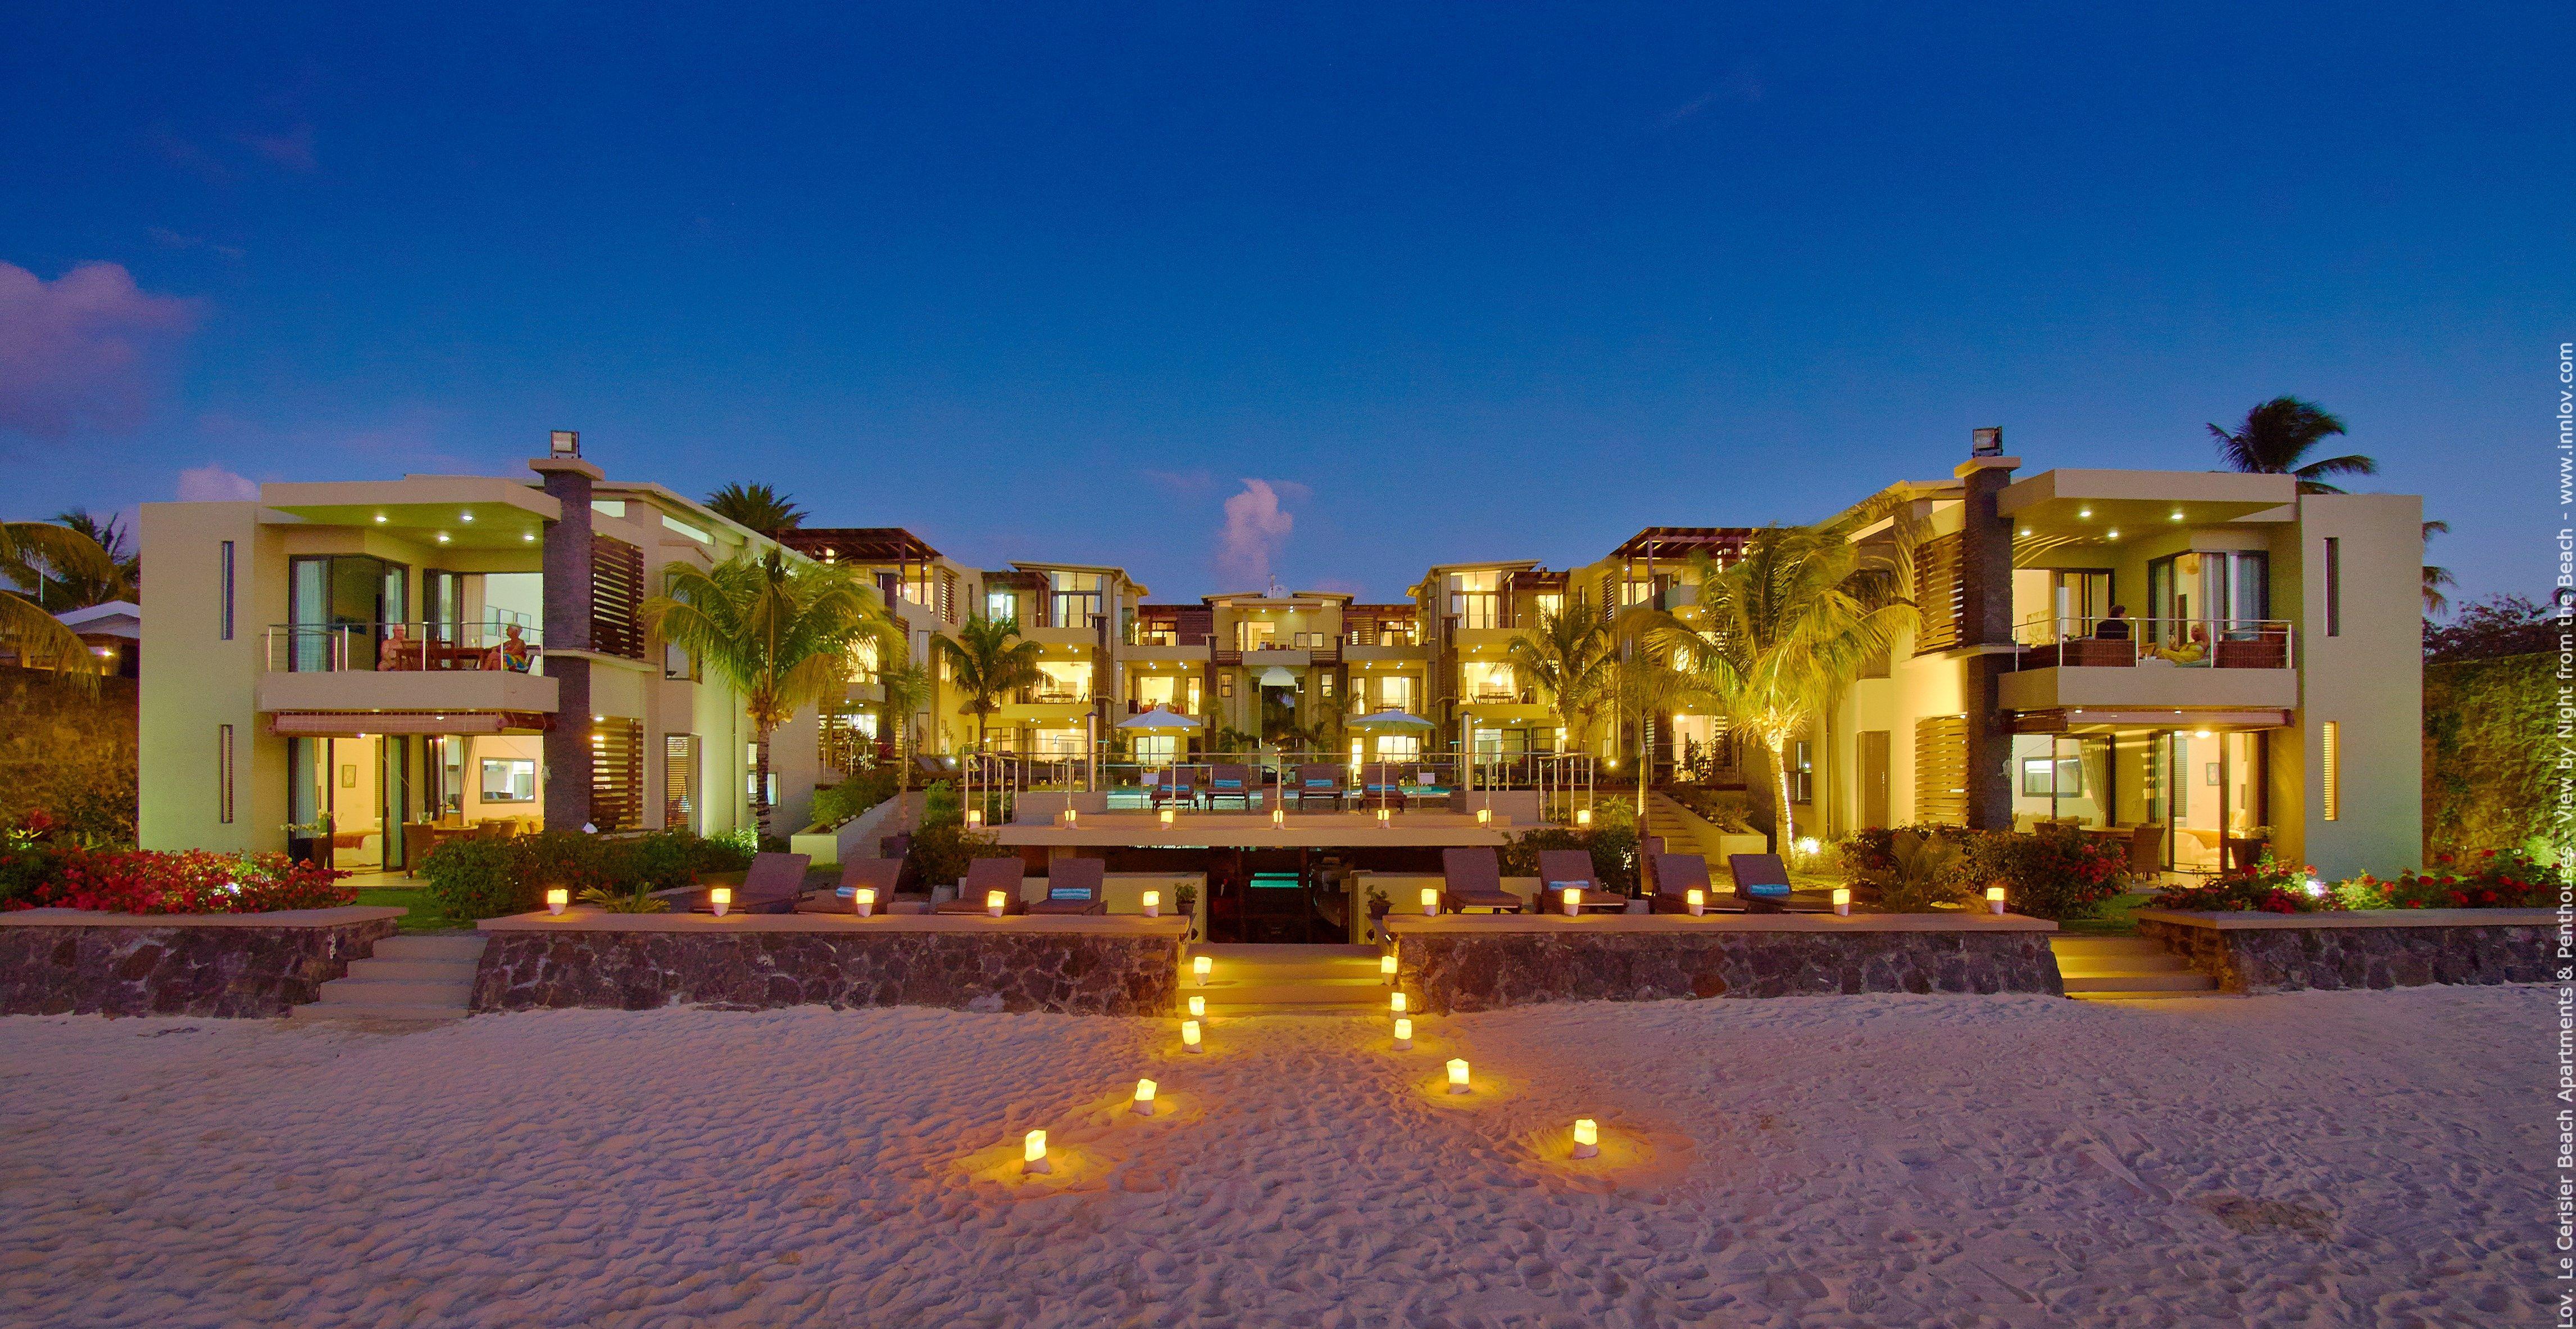 Le Cerisier Beach Apartments